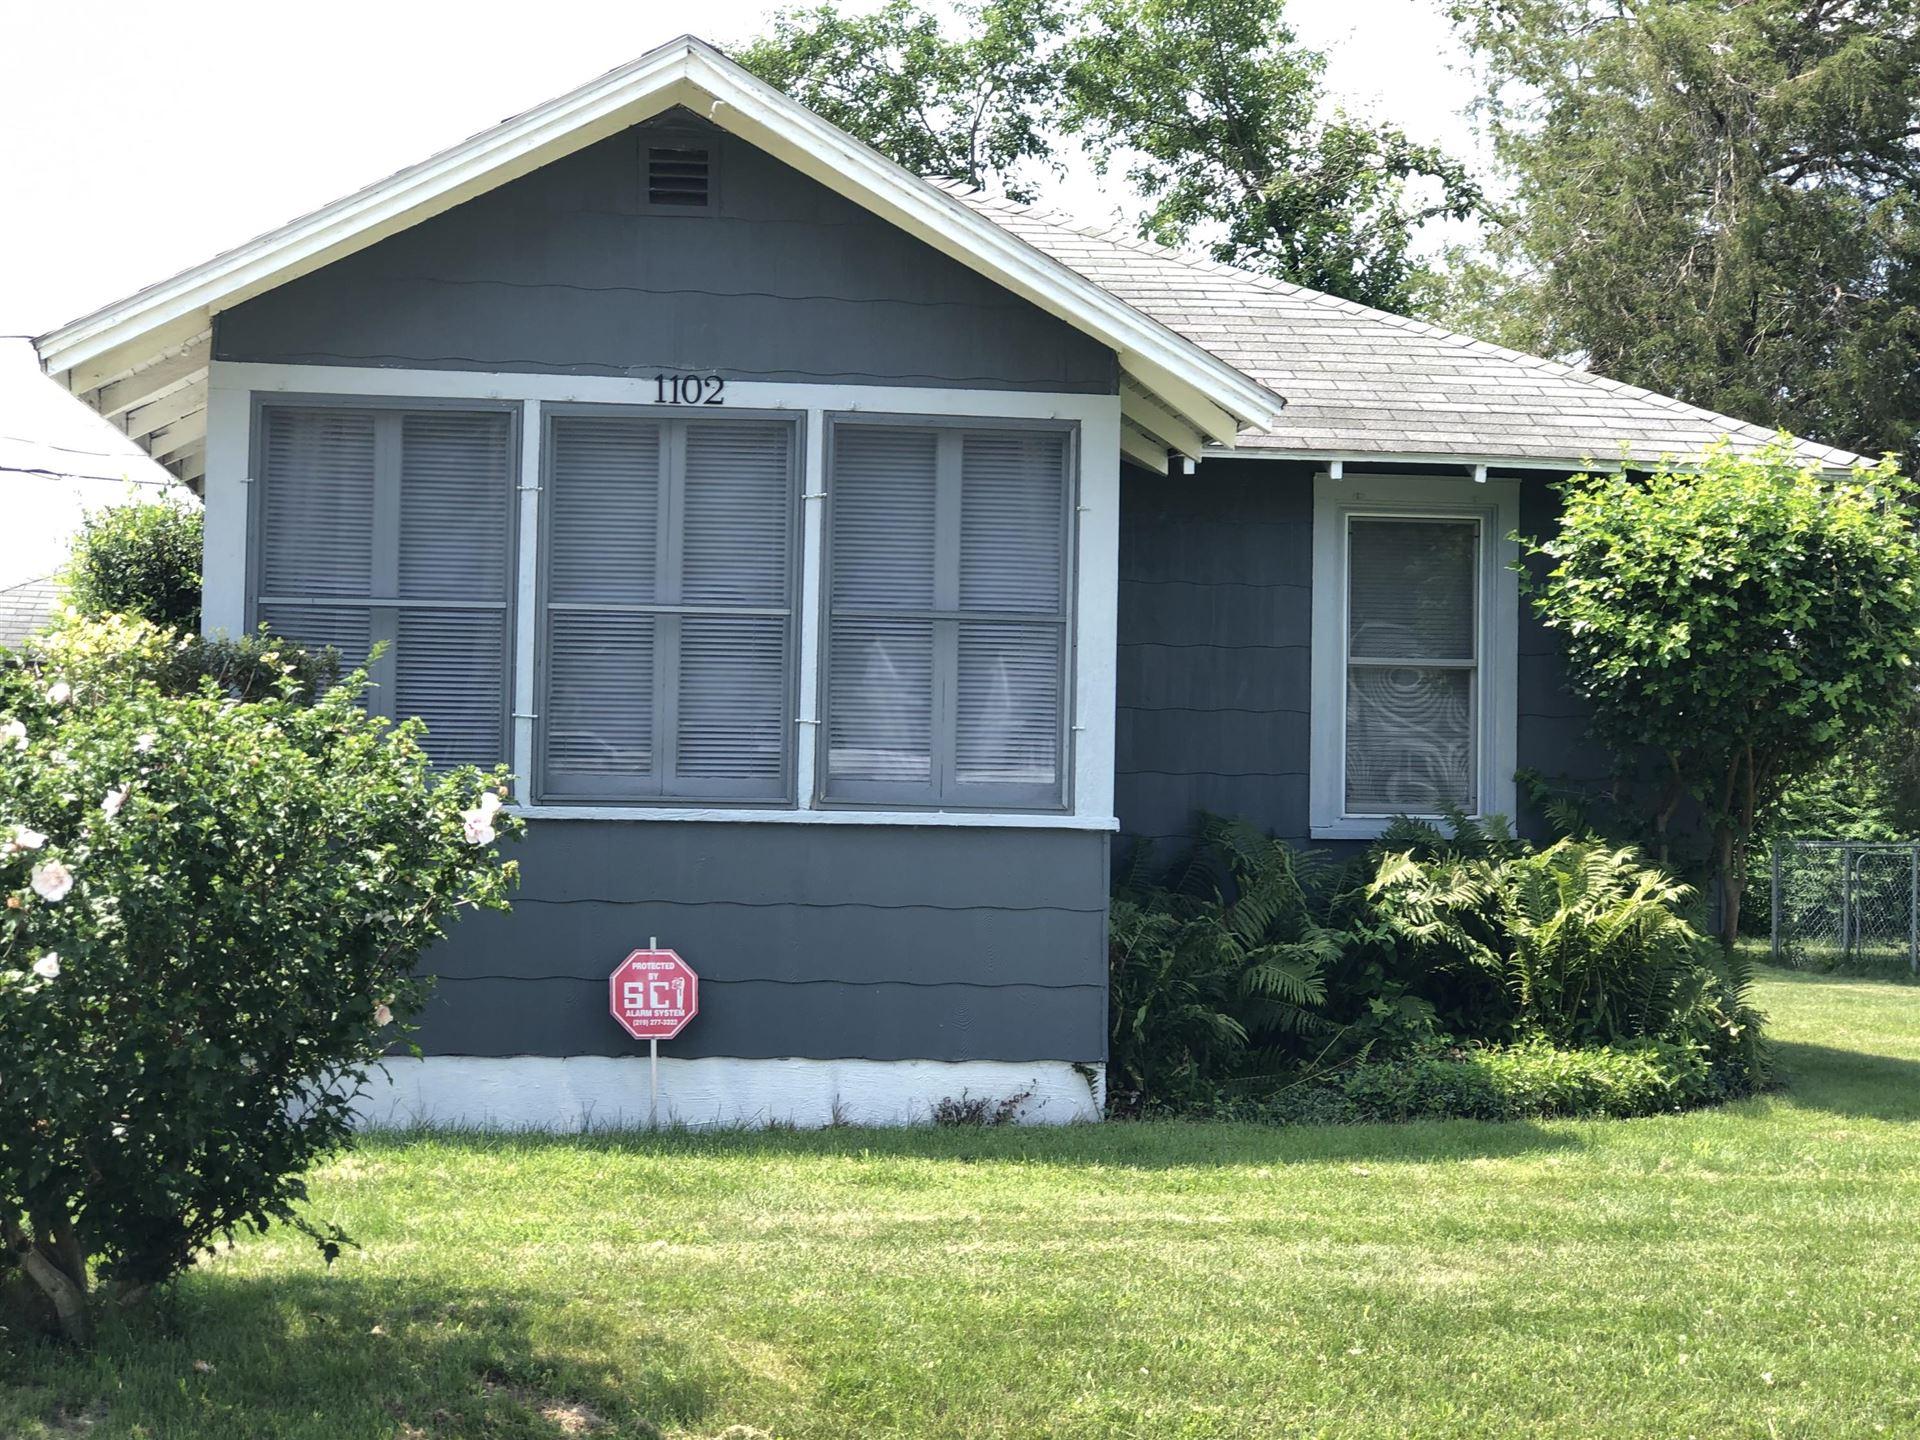 1102 N 13th Street, Niles, MI 49120 - MLS#: 21097437